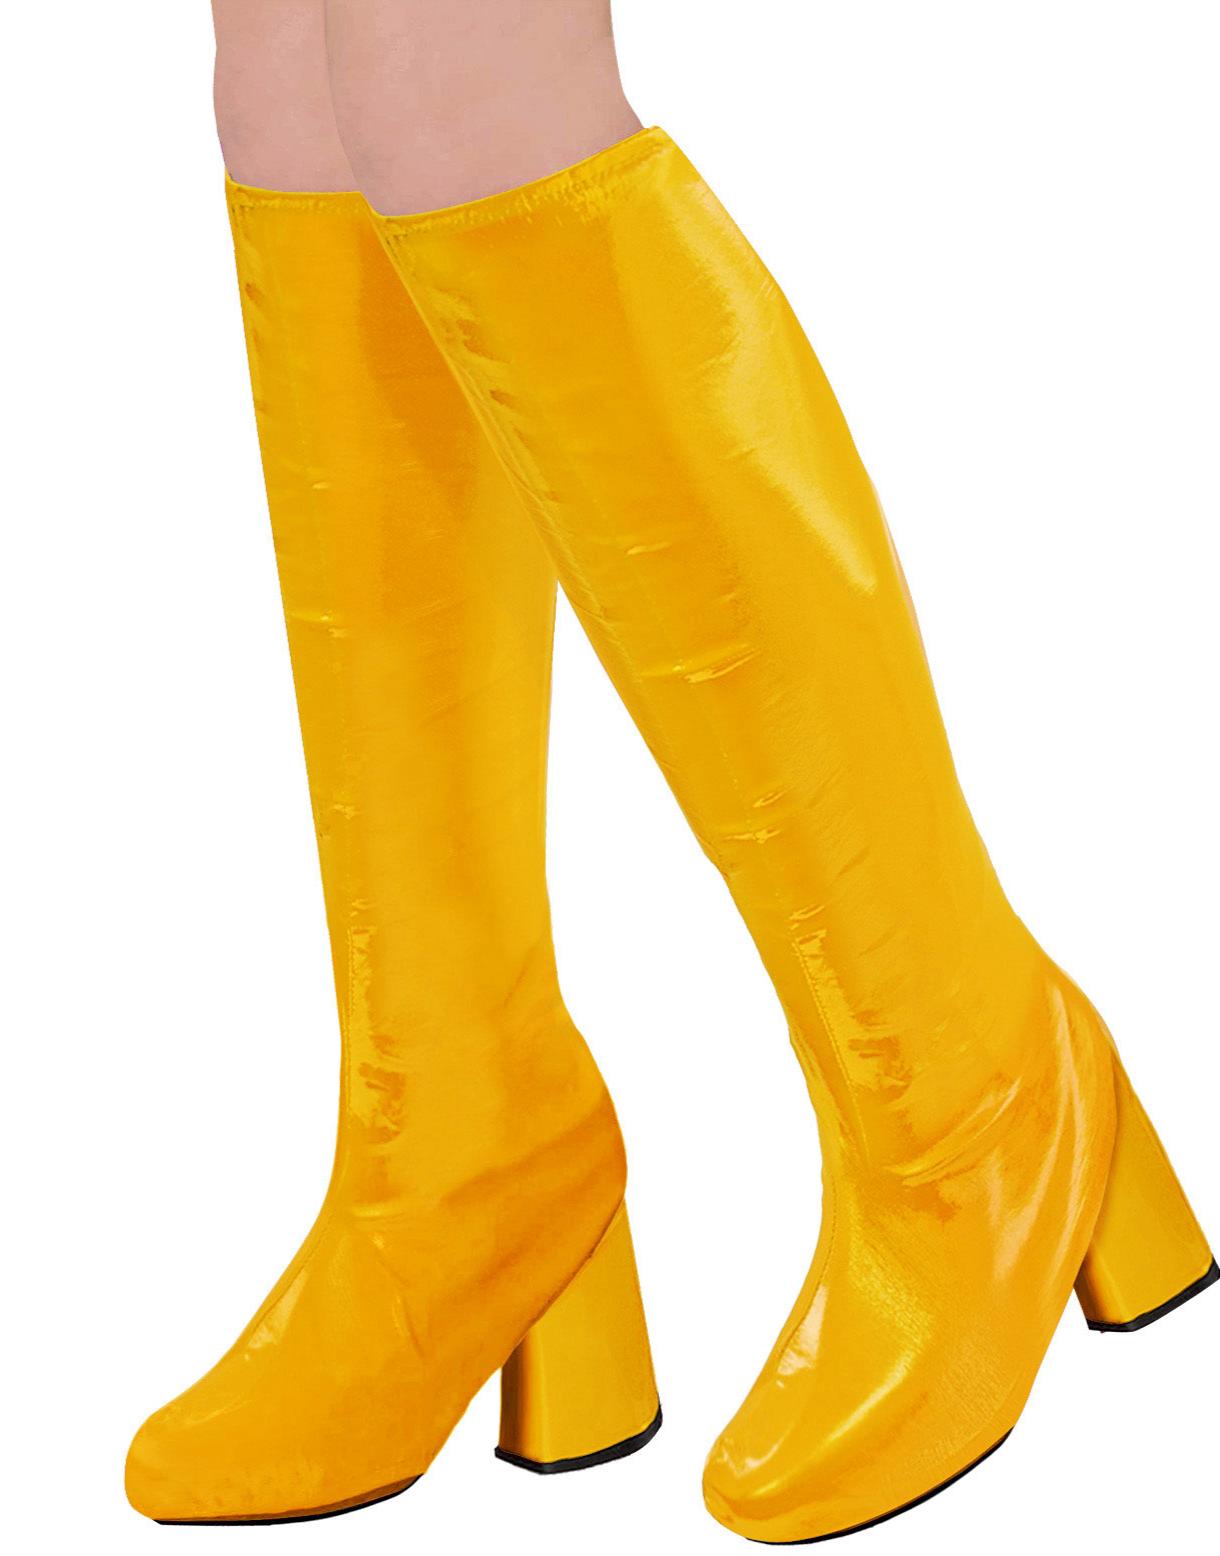 Allt inom Skoöverdrag KostymSko kan hittas här!